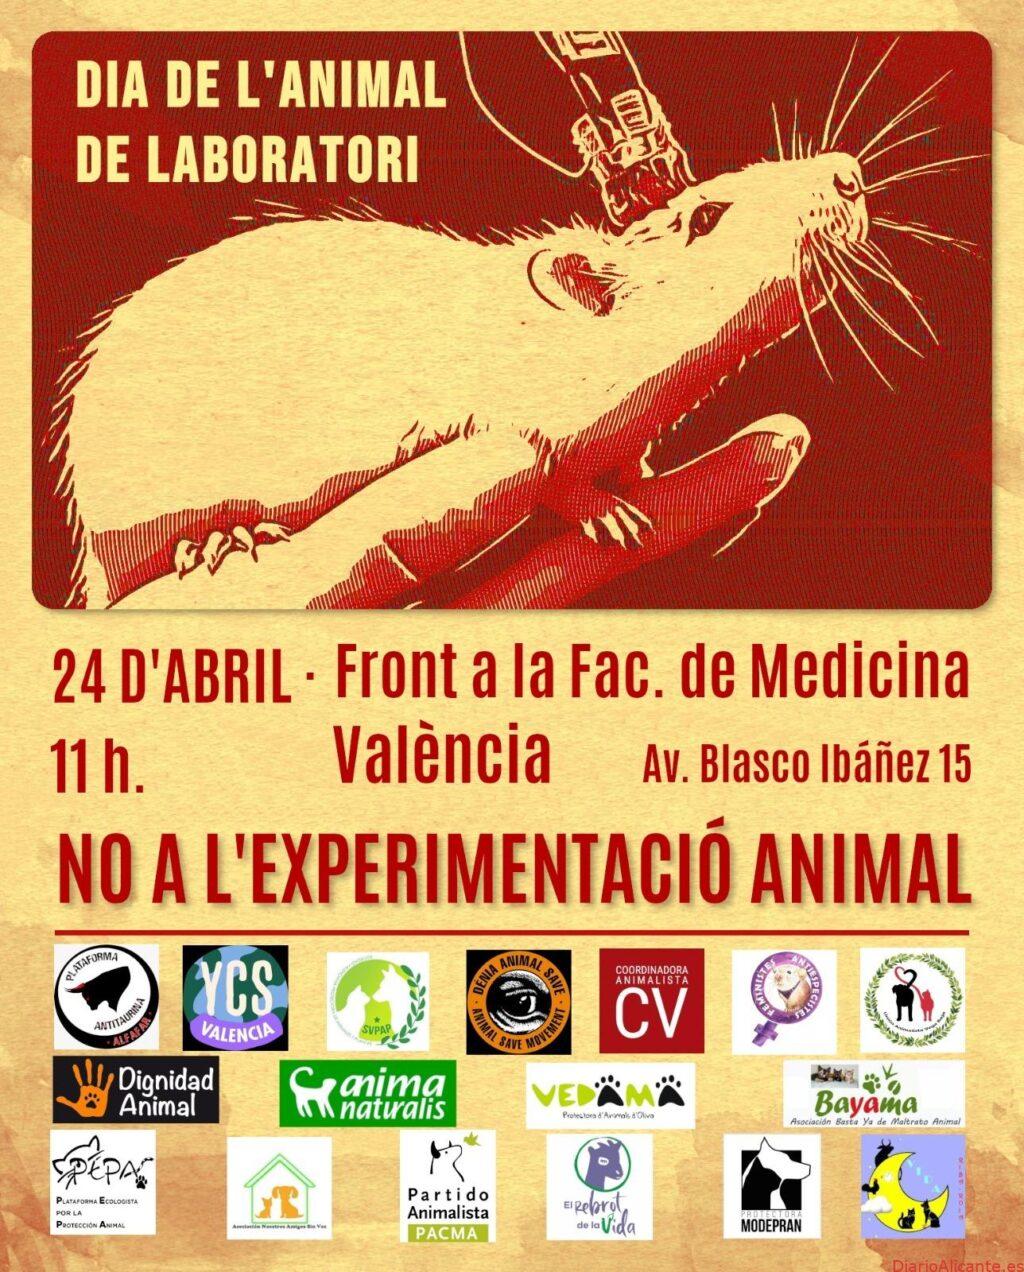 VALENCIA SALE A LA CALLE CONTRA LA EXPERIMENTACIÓN ANIMAL